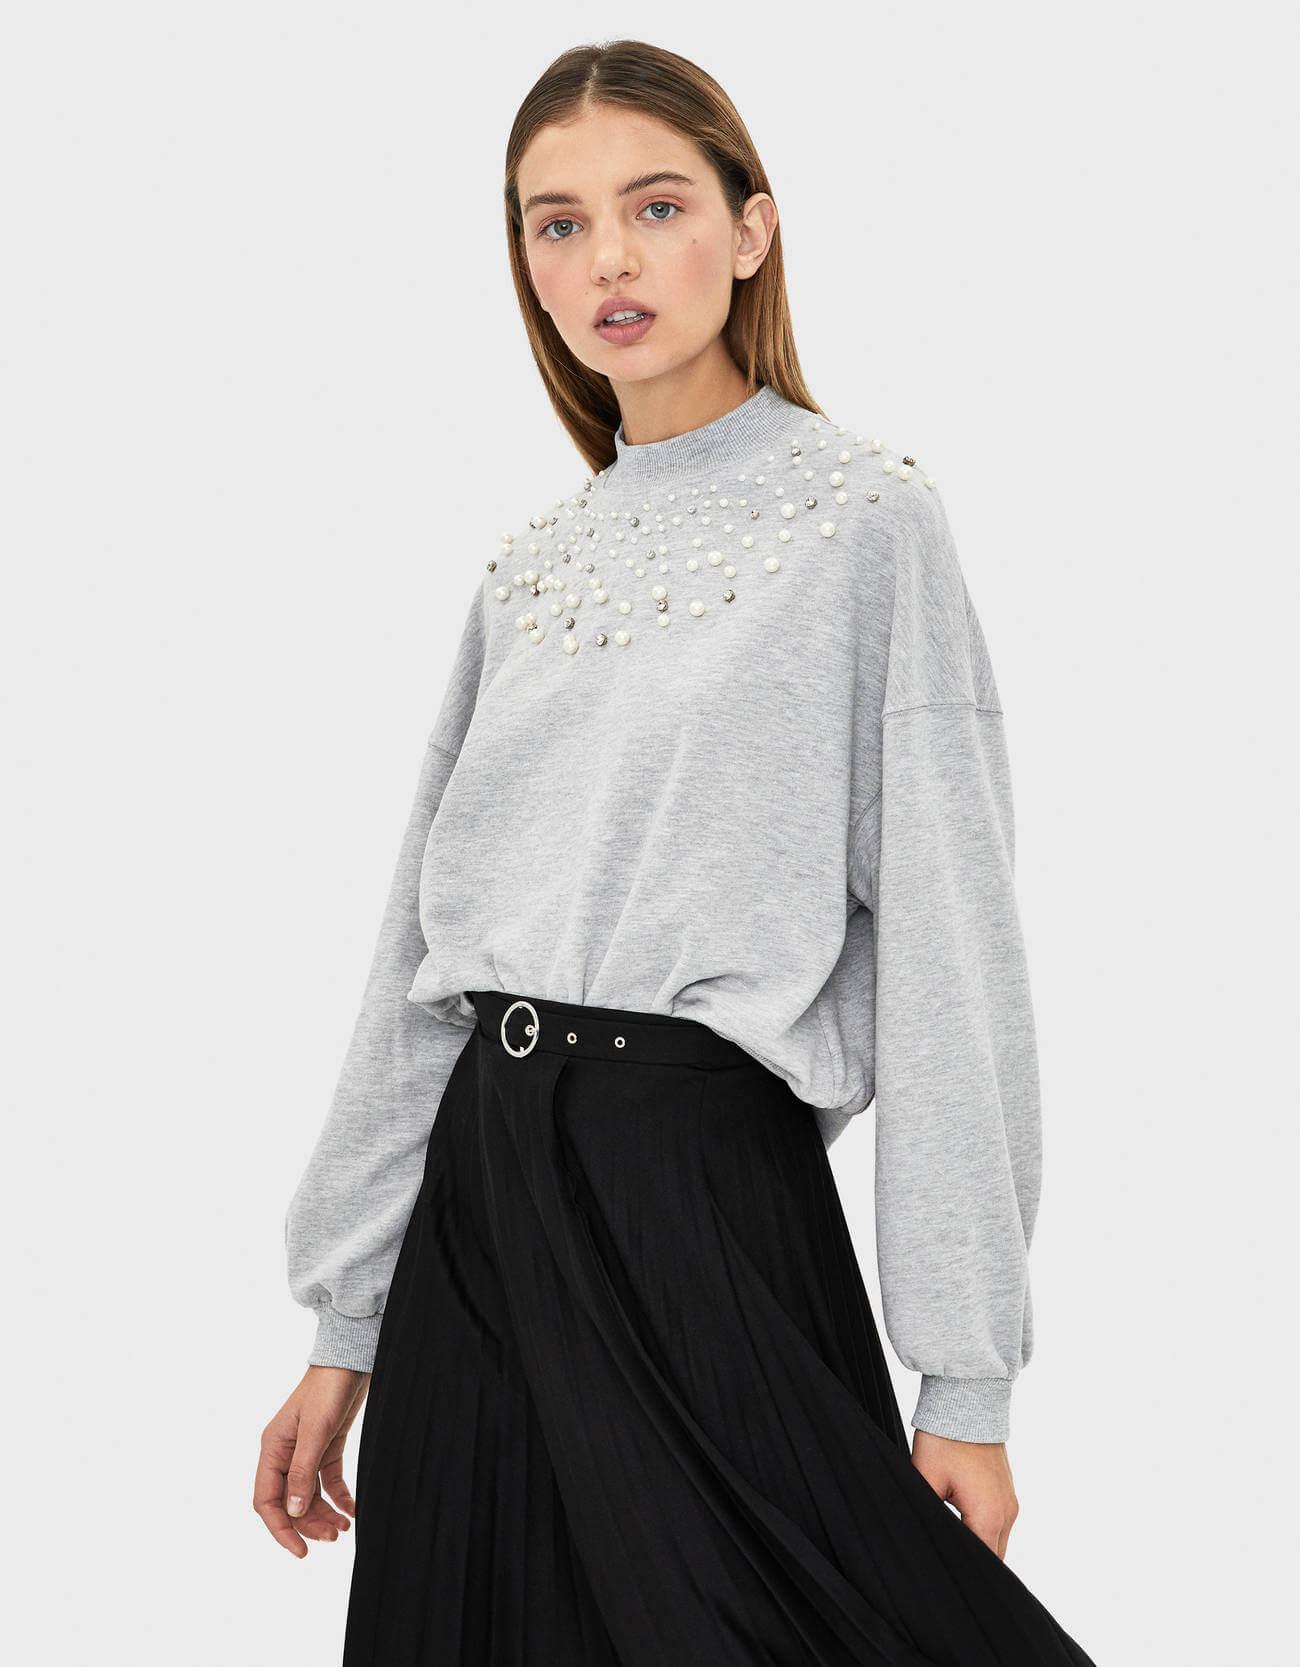 Bershka Kadın Sweatshirt Modelleri